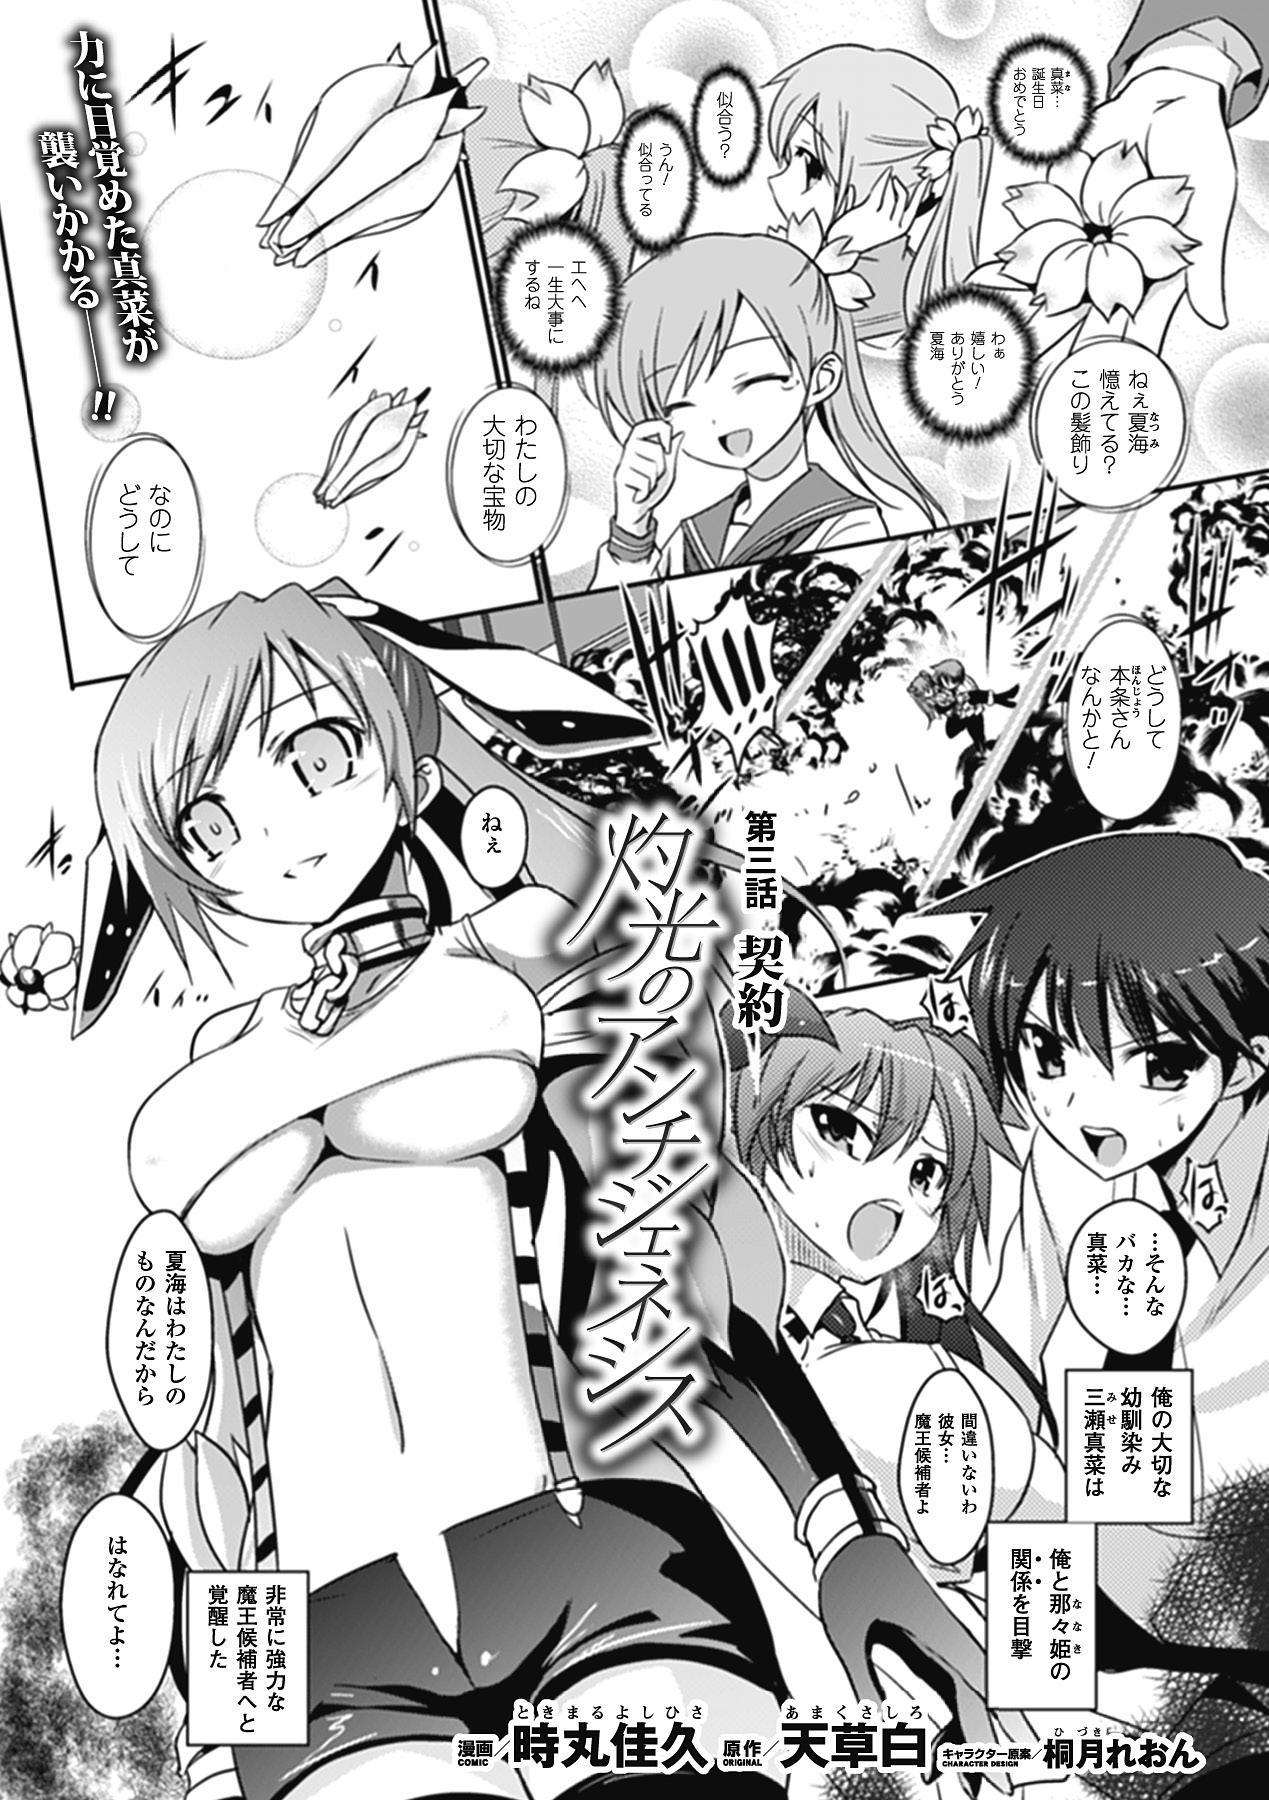 [Tokimaru Yoshihisa]Shakkou no Anti-Genesis Ch. 1-7 40